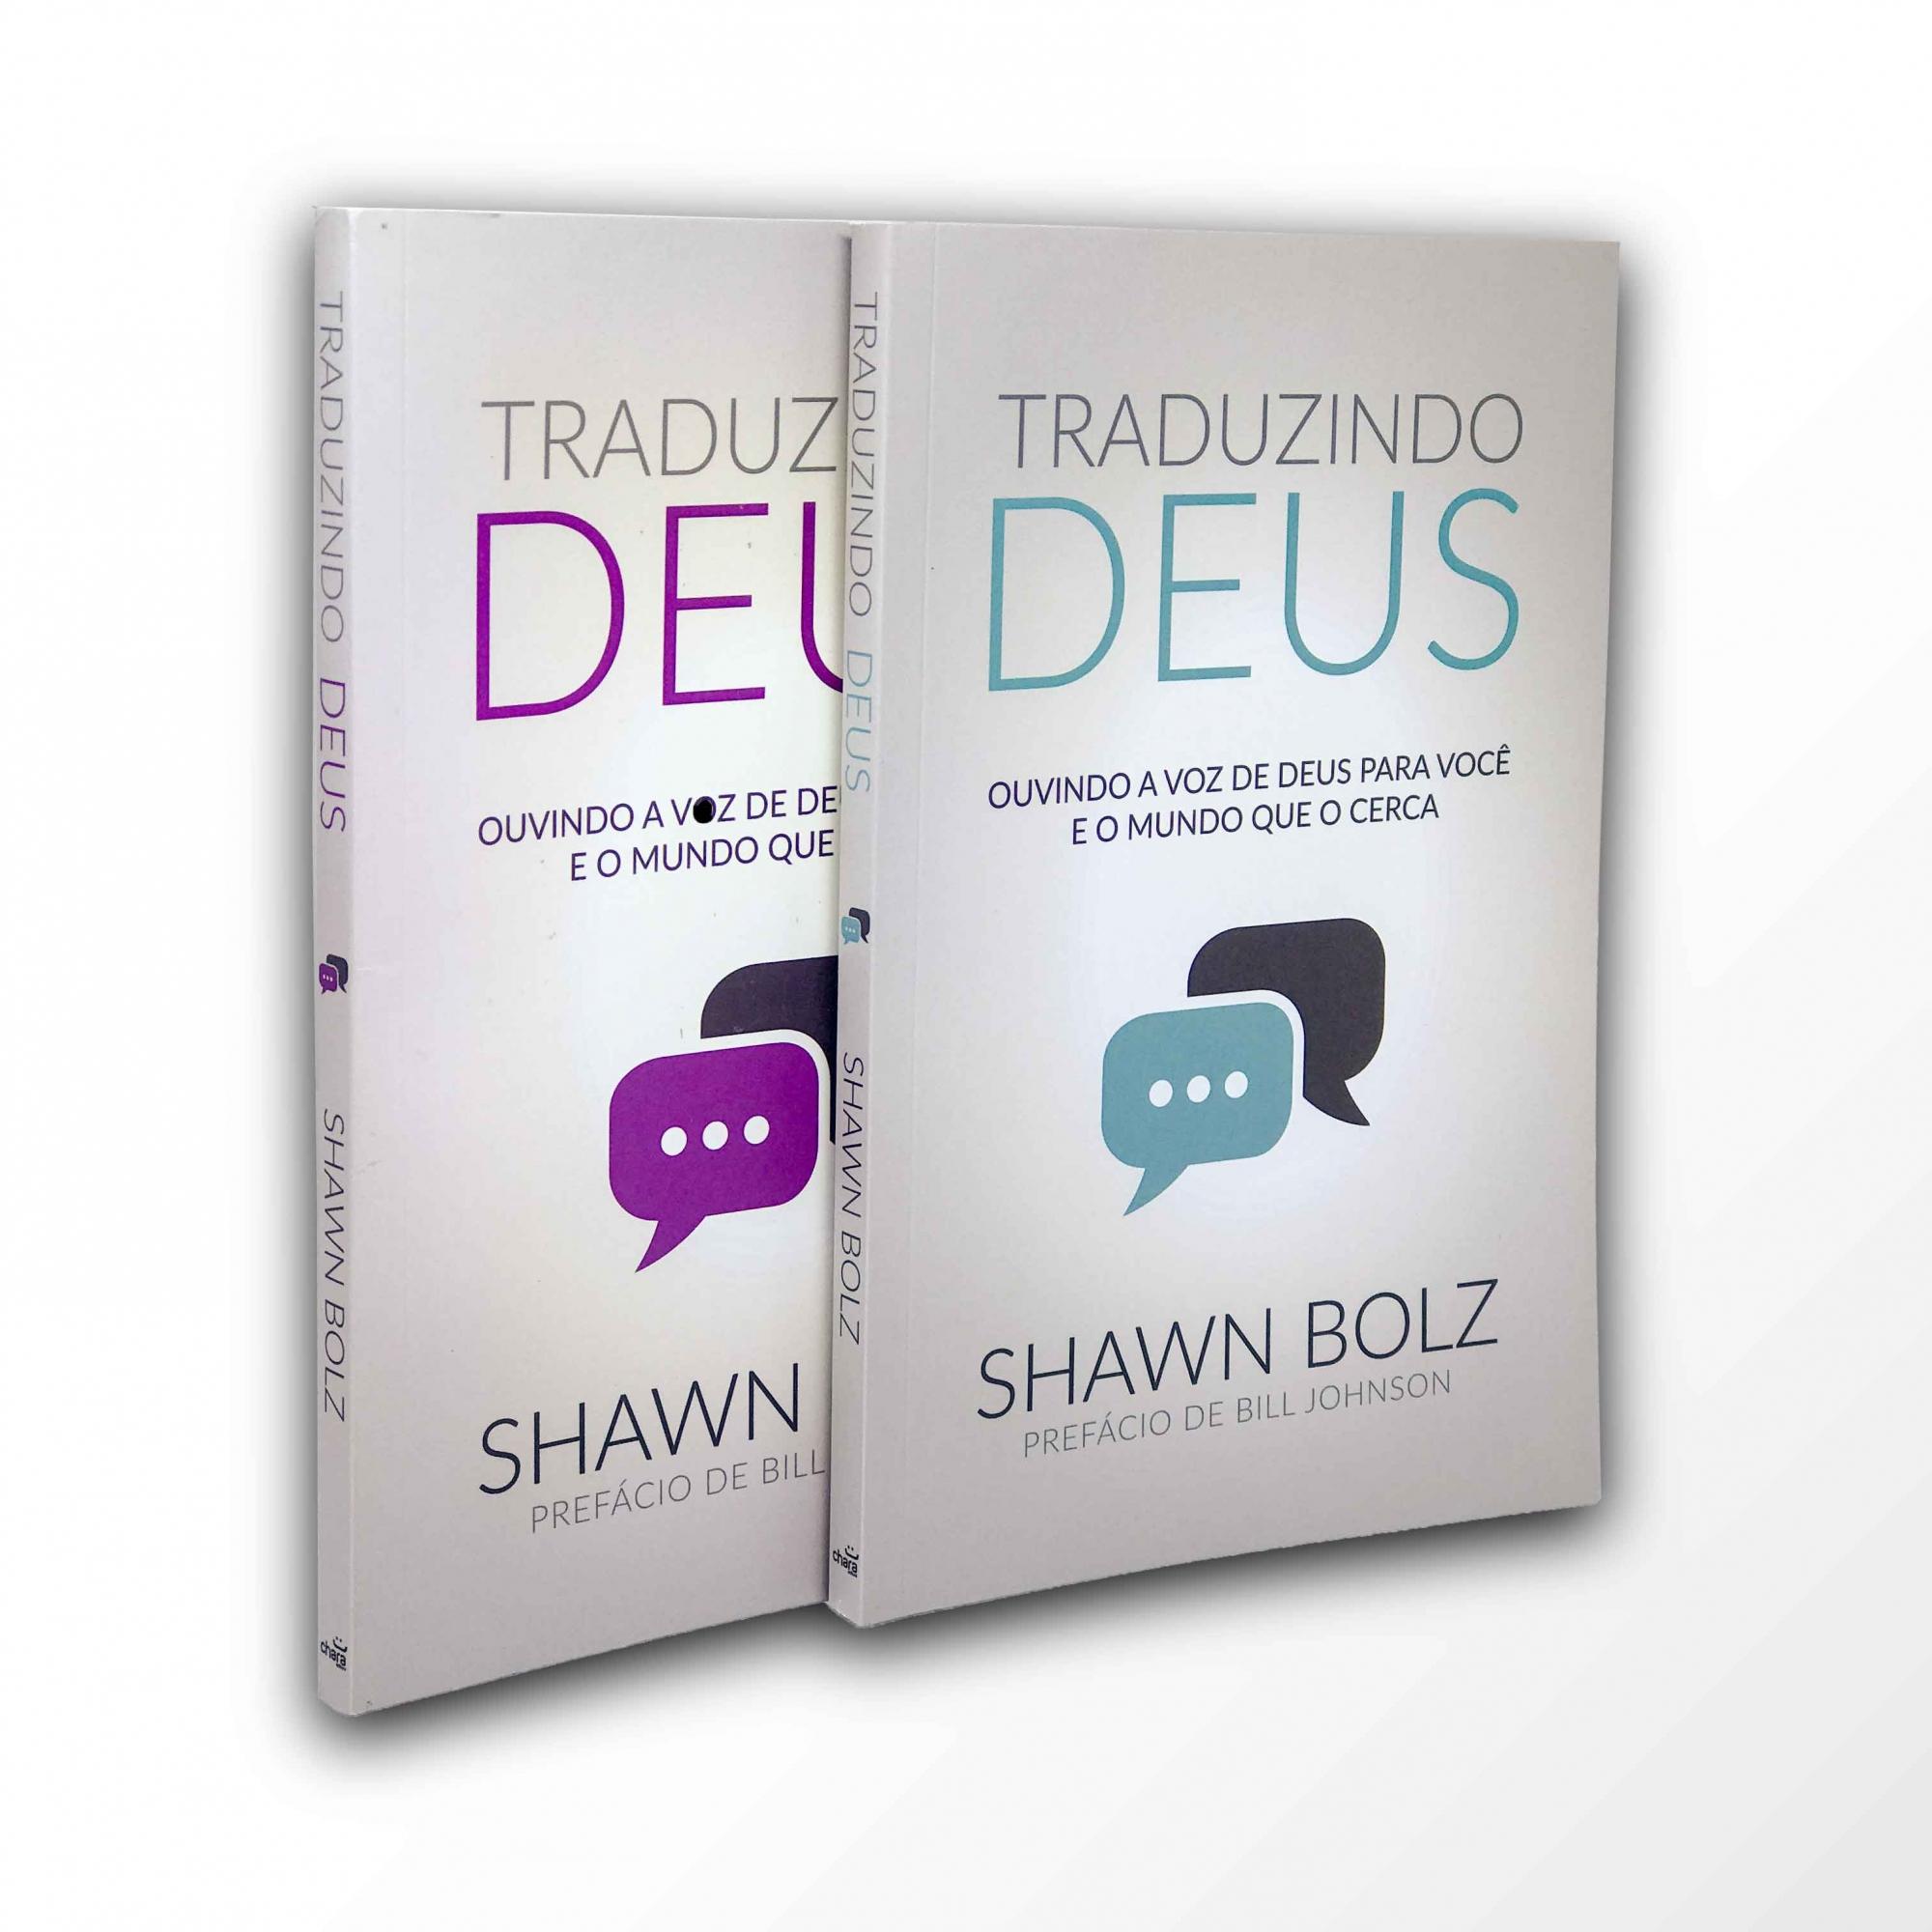 Traduzindo Deus